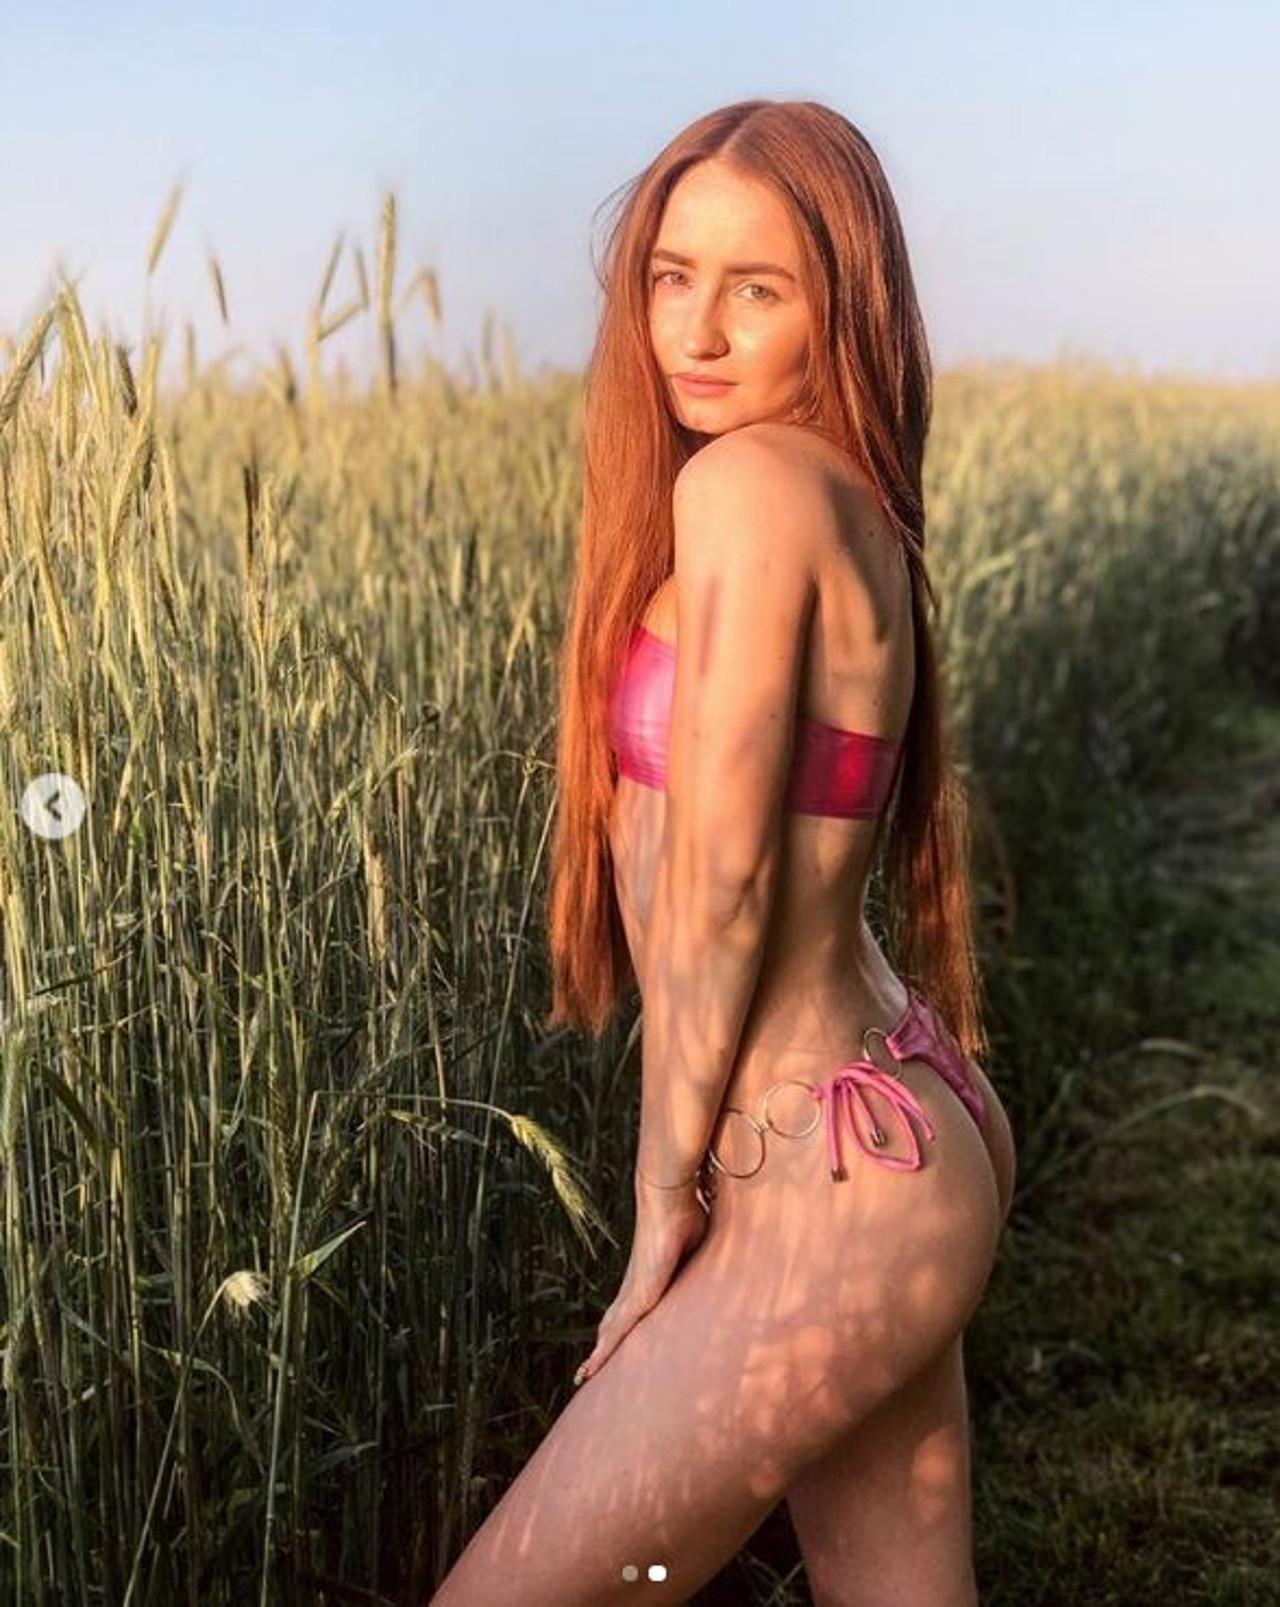 Angelika Mucha w stringach i staniku pozuje wśród zboża.